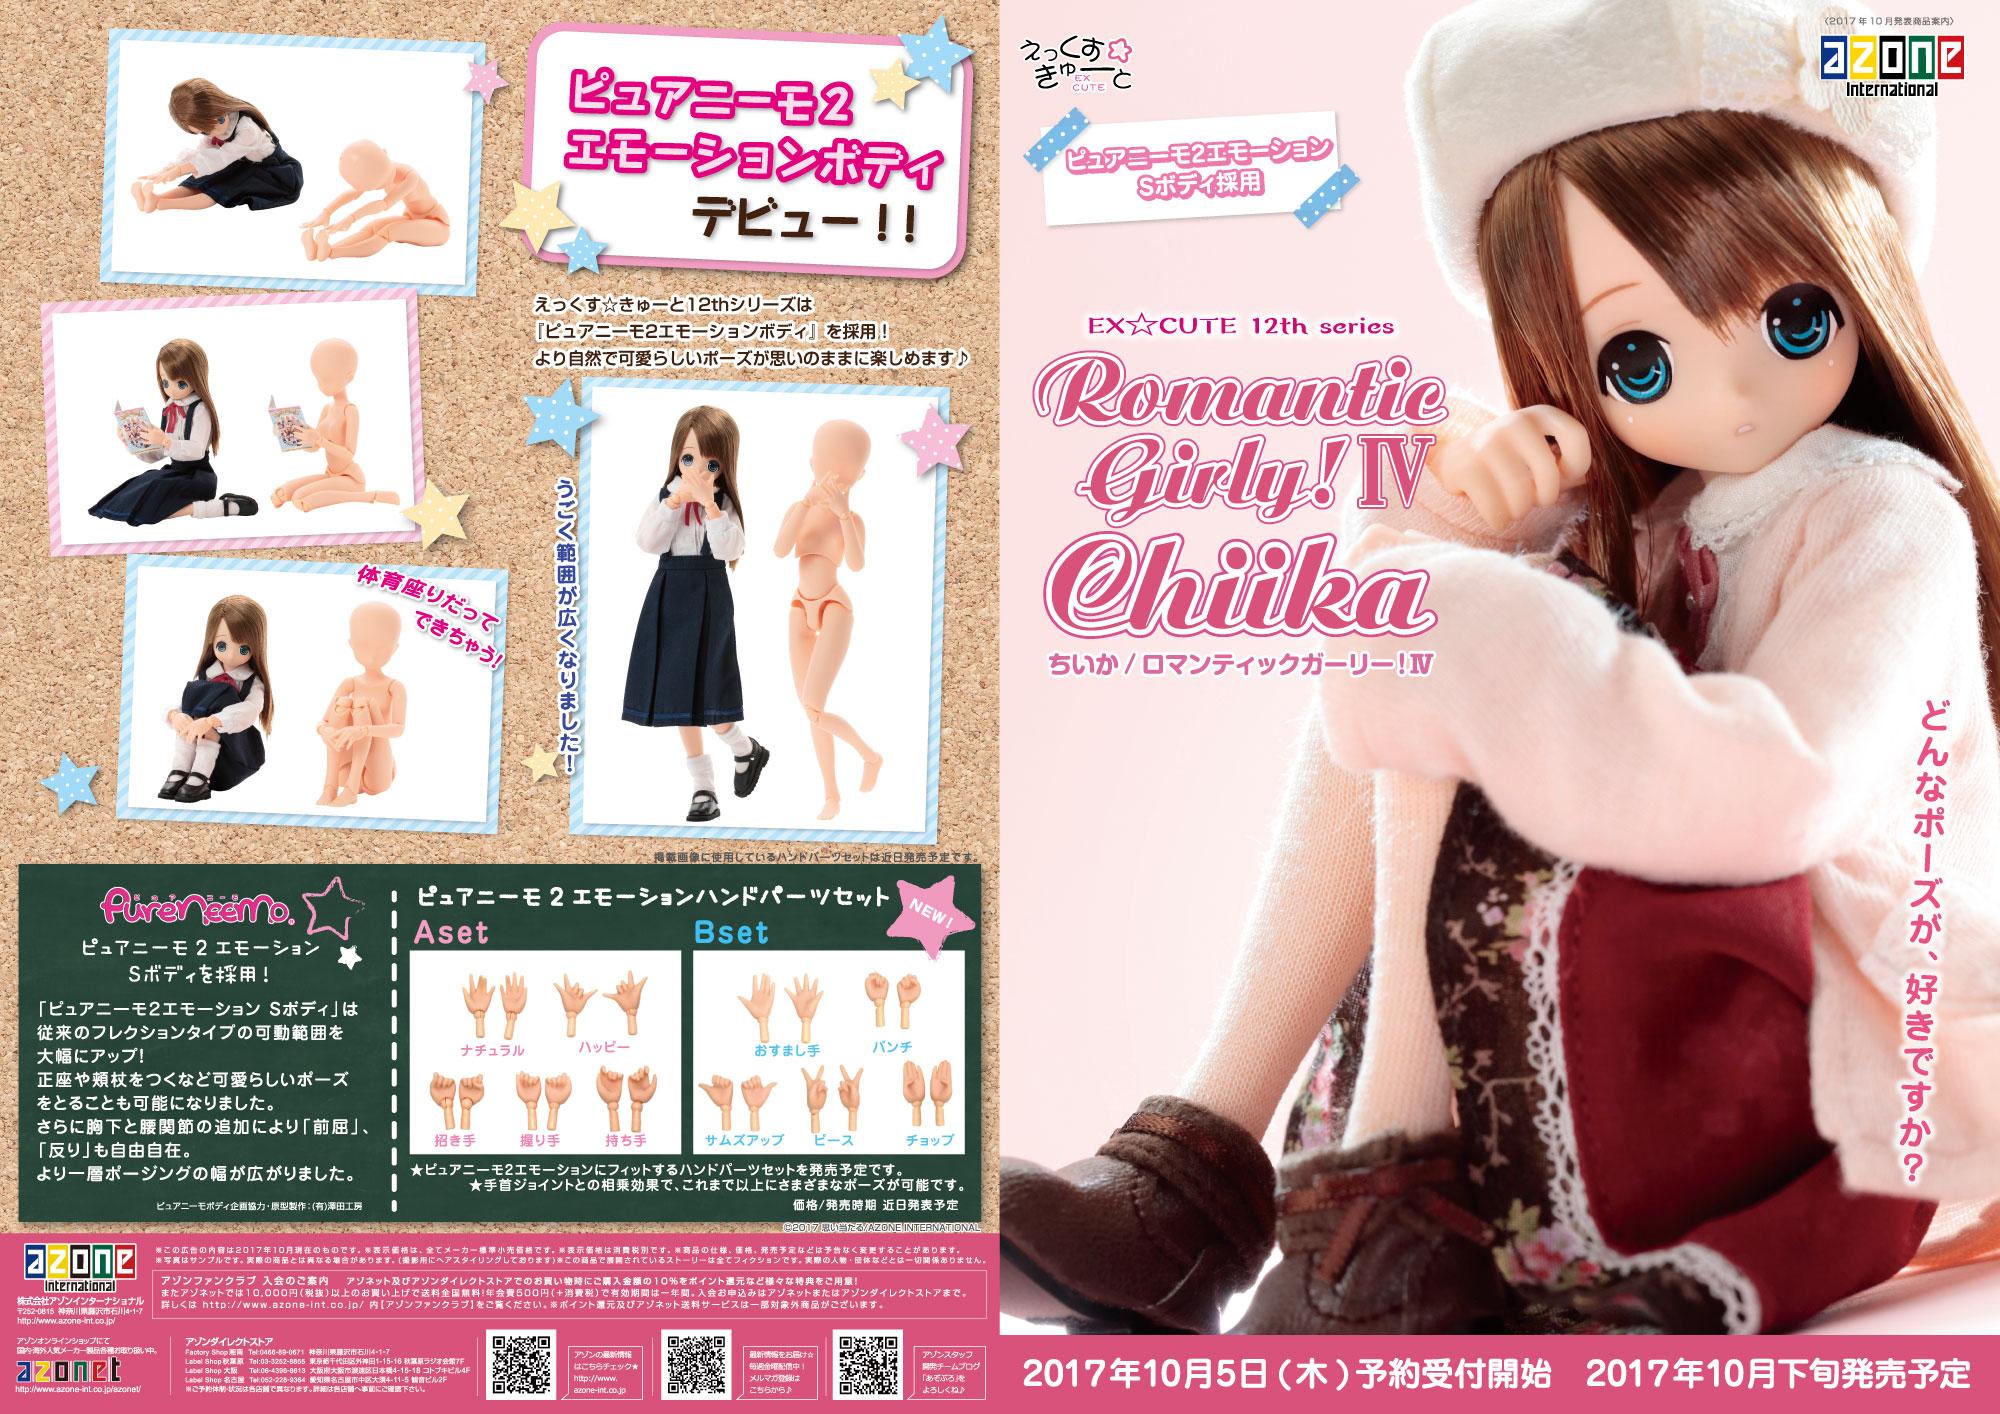 Chiika/Romantic Girly!IV